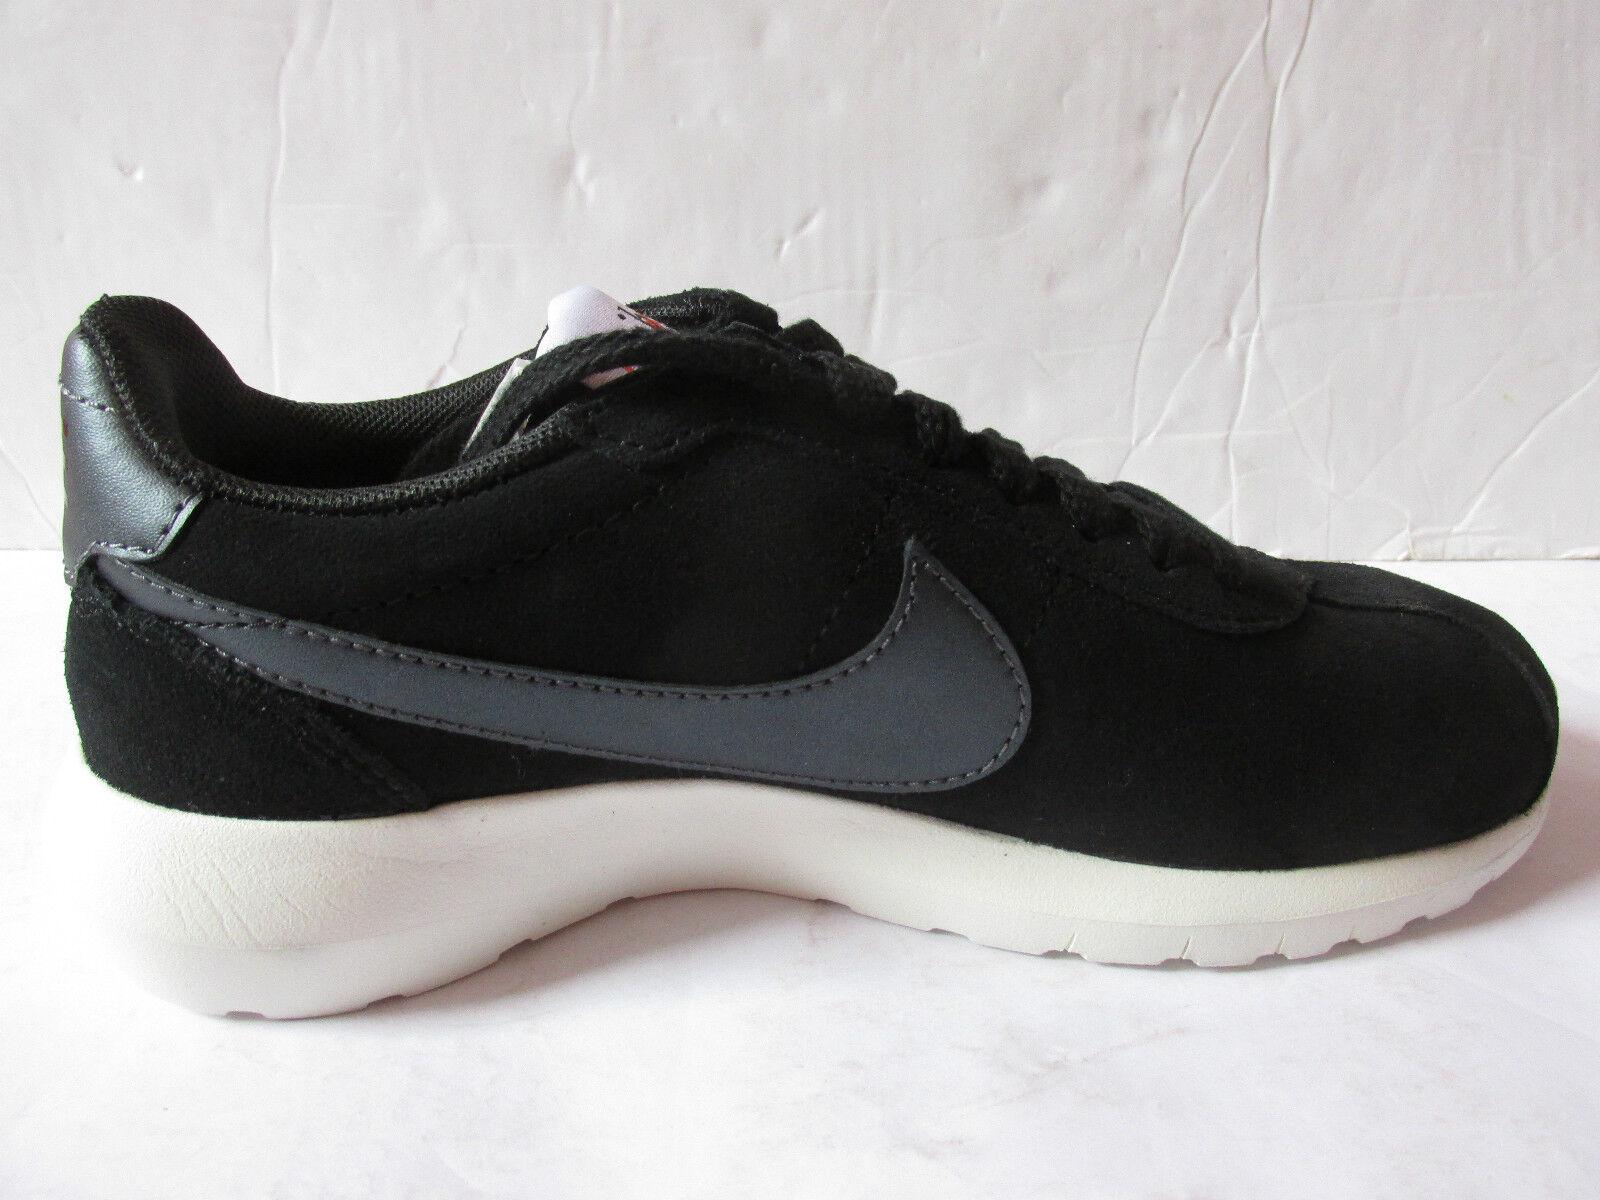 Nike Da Donna Donna Donna ROSHERUN Scarpe Da Ginnastica ld-1000 819843 002 Scarpe Da Ginnastica Scarpe bddf65